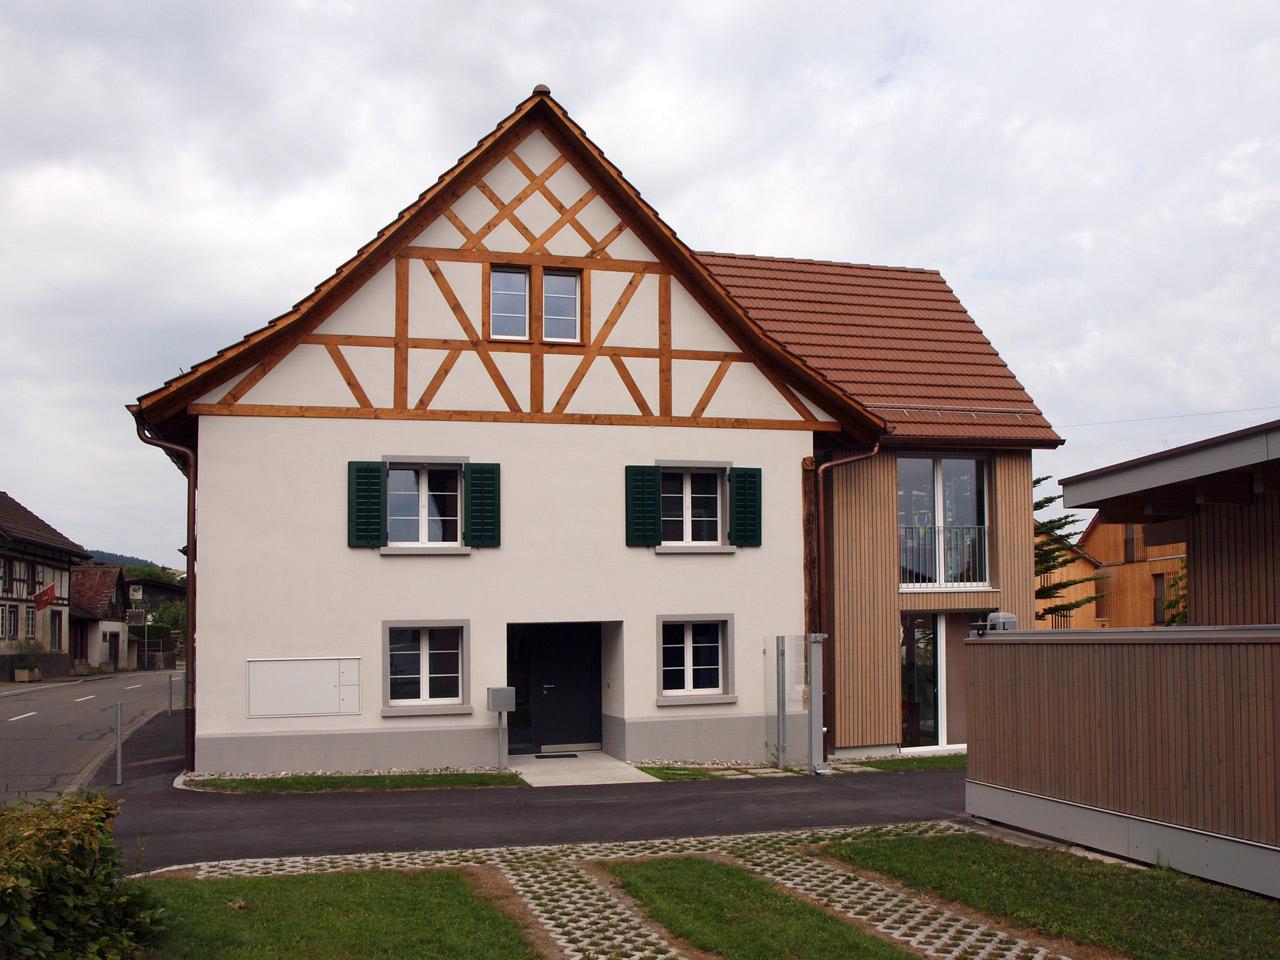 umbau bauernhaus hauptstrasse 22 flaach orsingher architekten ag. Black Bedroom Furniture Sets. Home Design Ideas